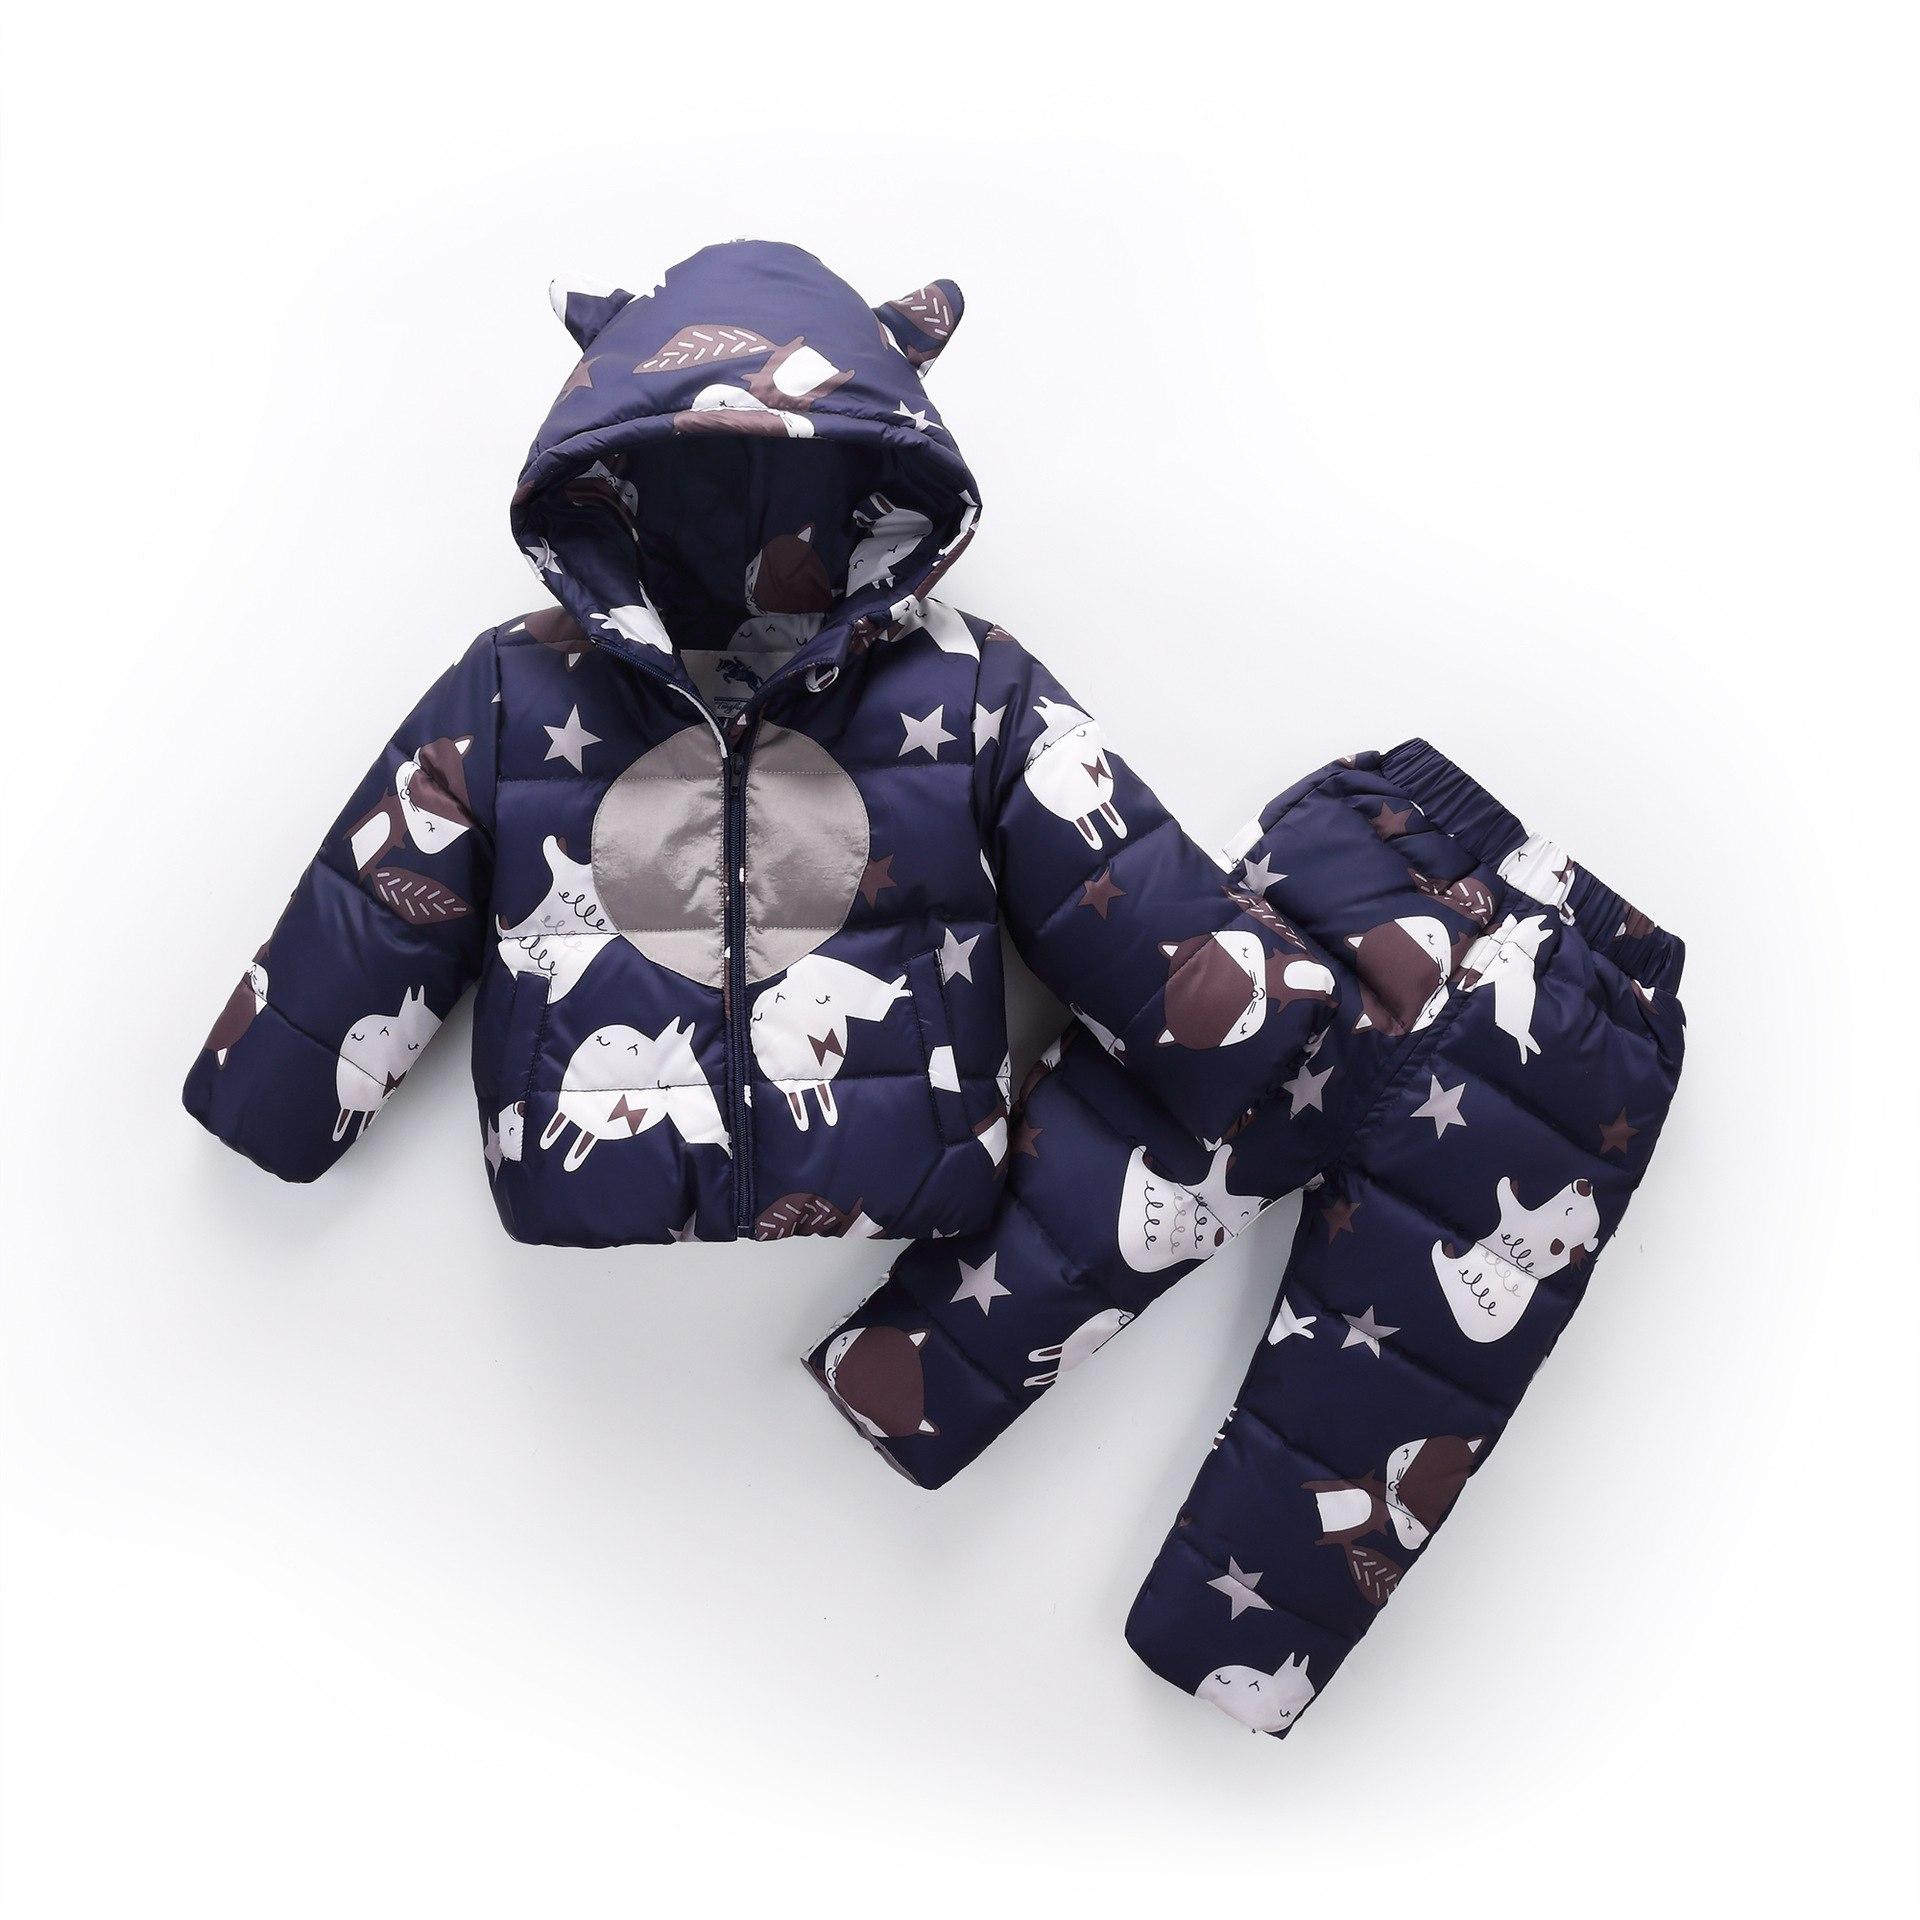 1-4y bébé garçons filles vêtements ensembles hiver Cartoon chaud doudoune enfants pantalons + manteaux vêtements à capuche fille vêtements marque ensemble